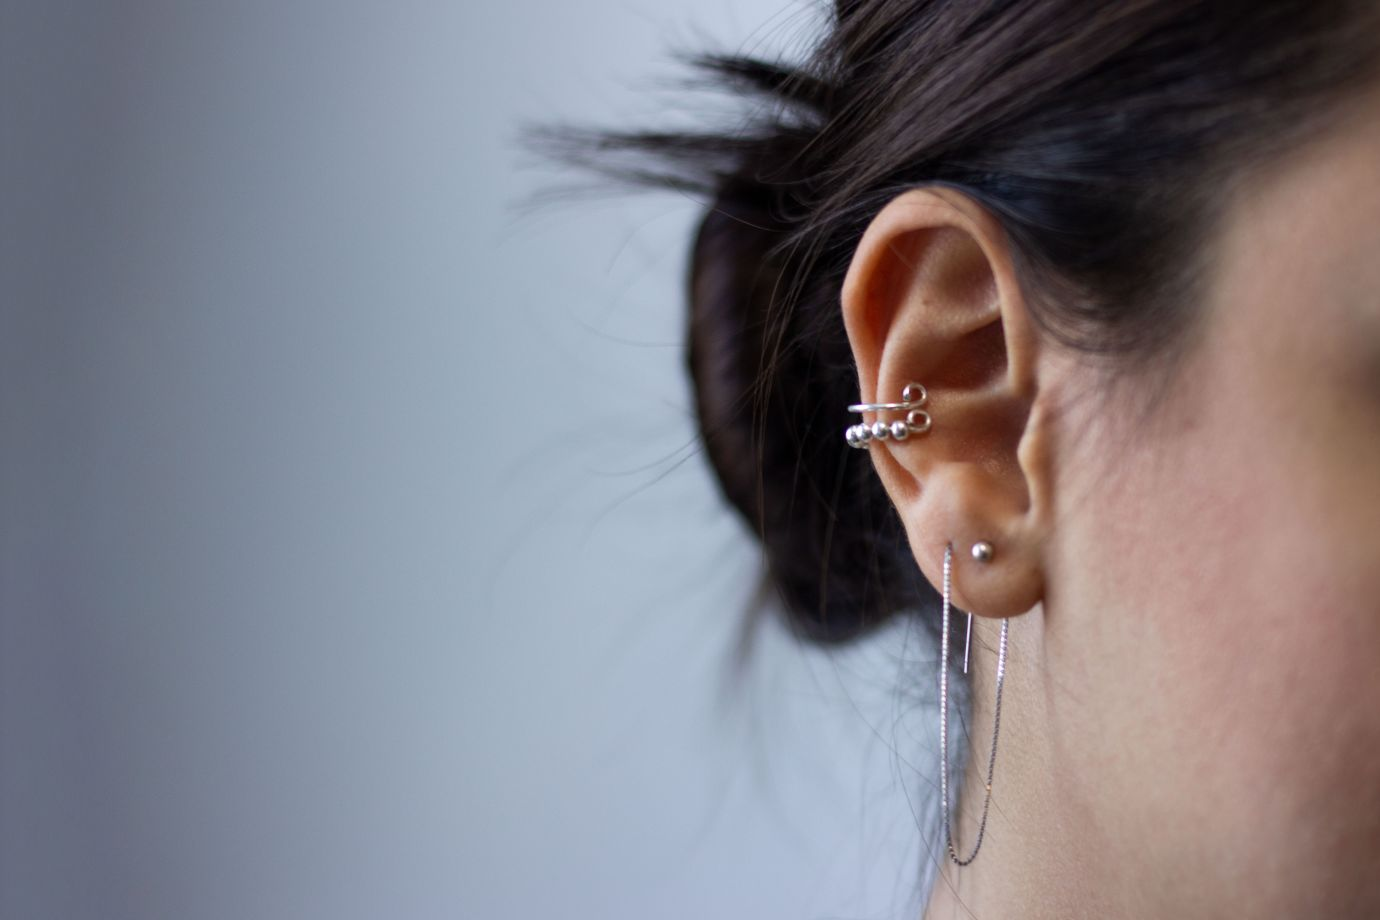 Nahaufnahme eines Ohrs mit Piercing